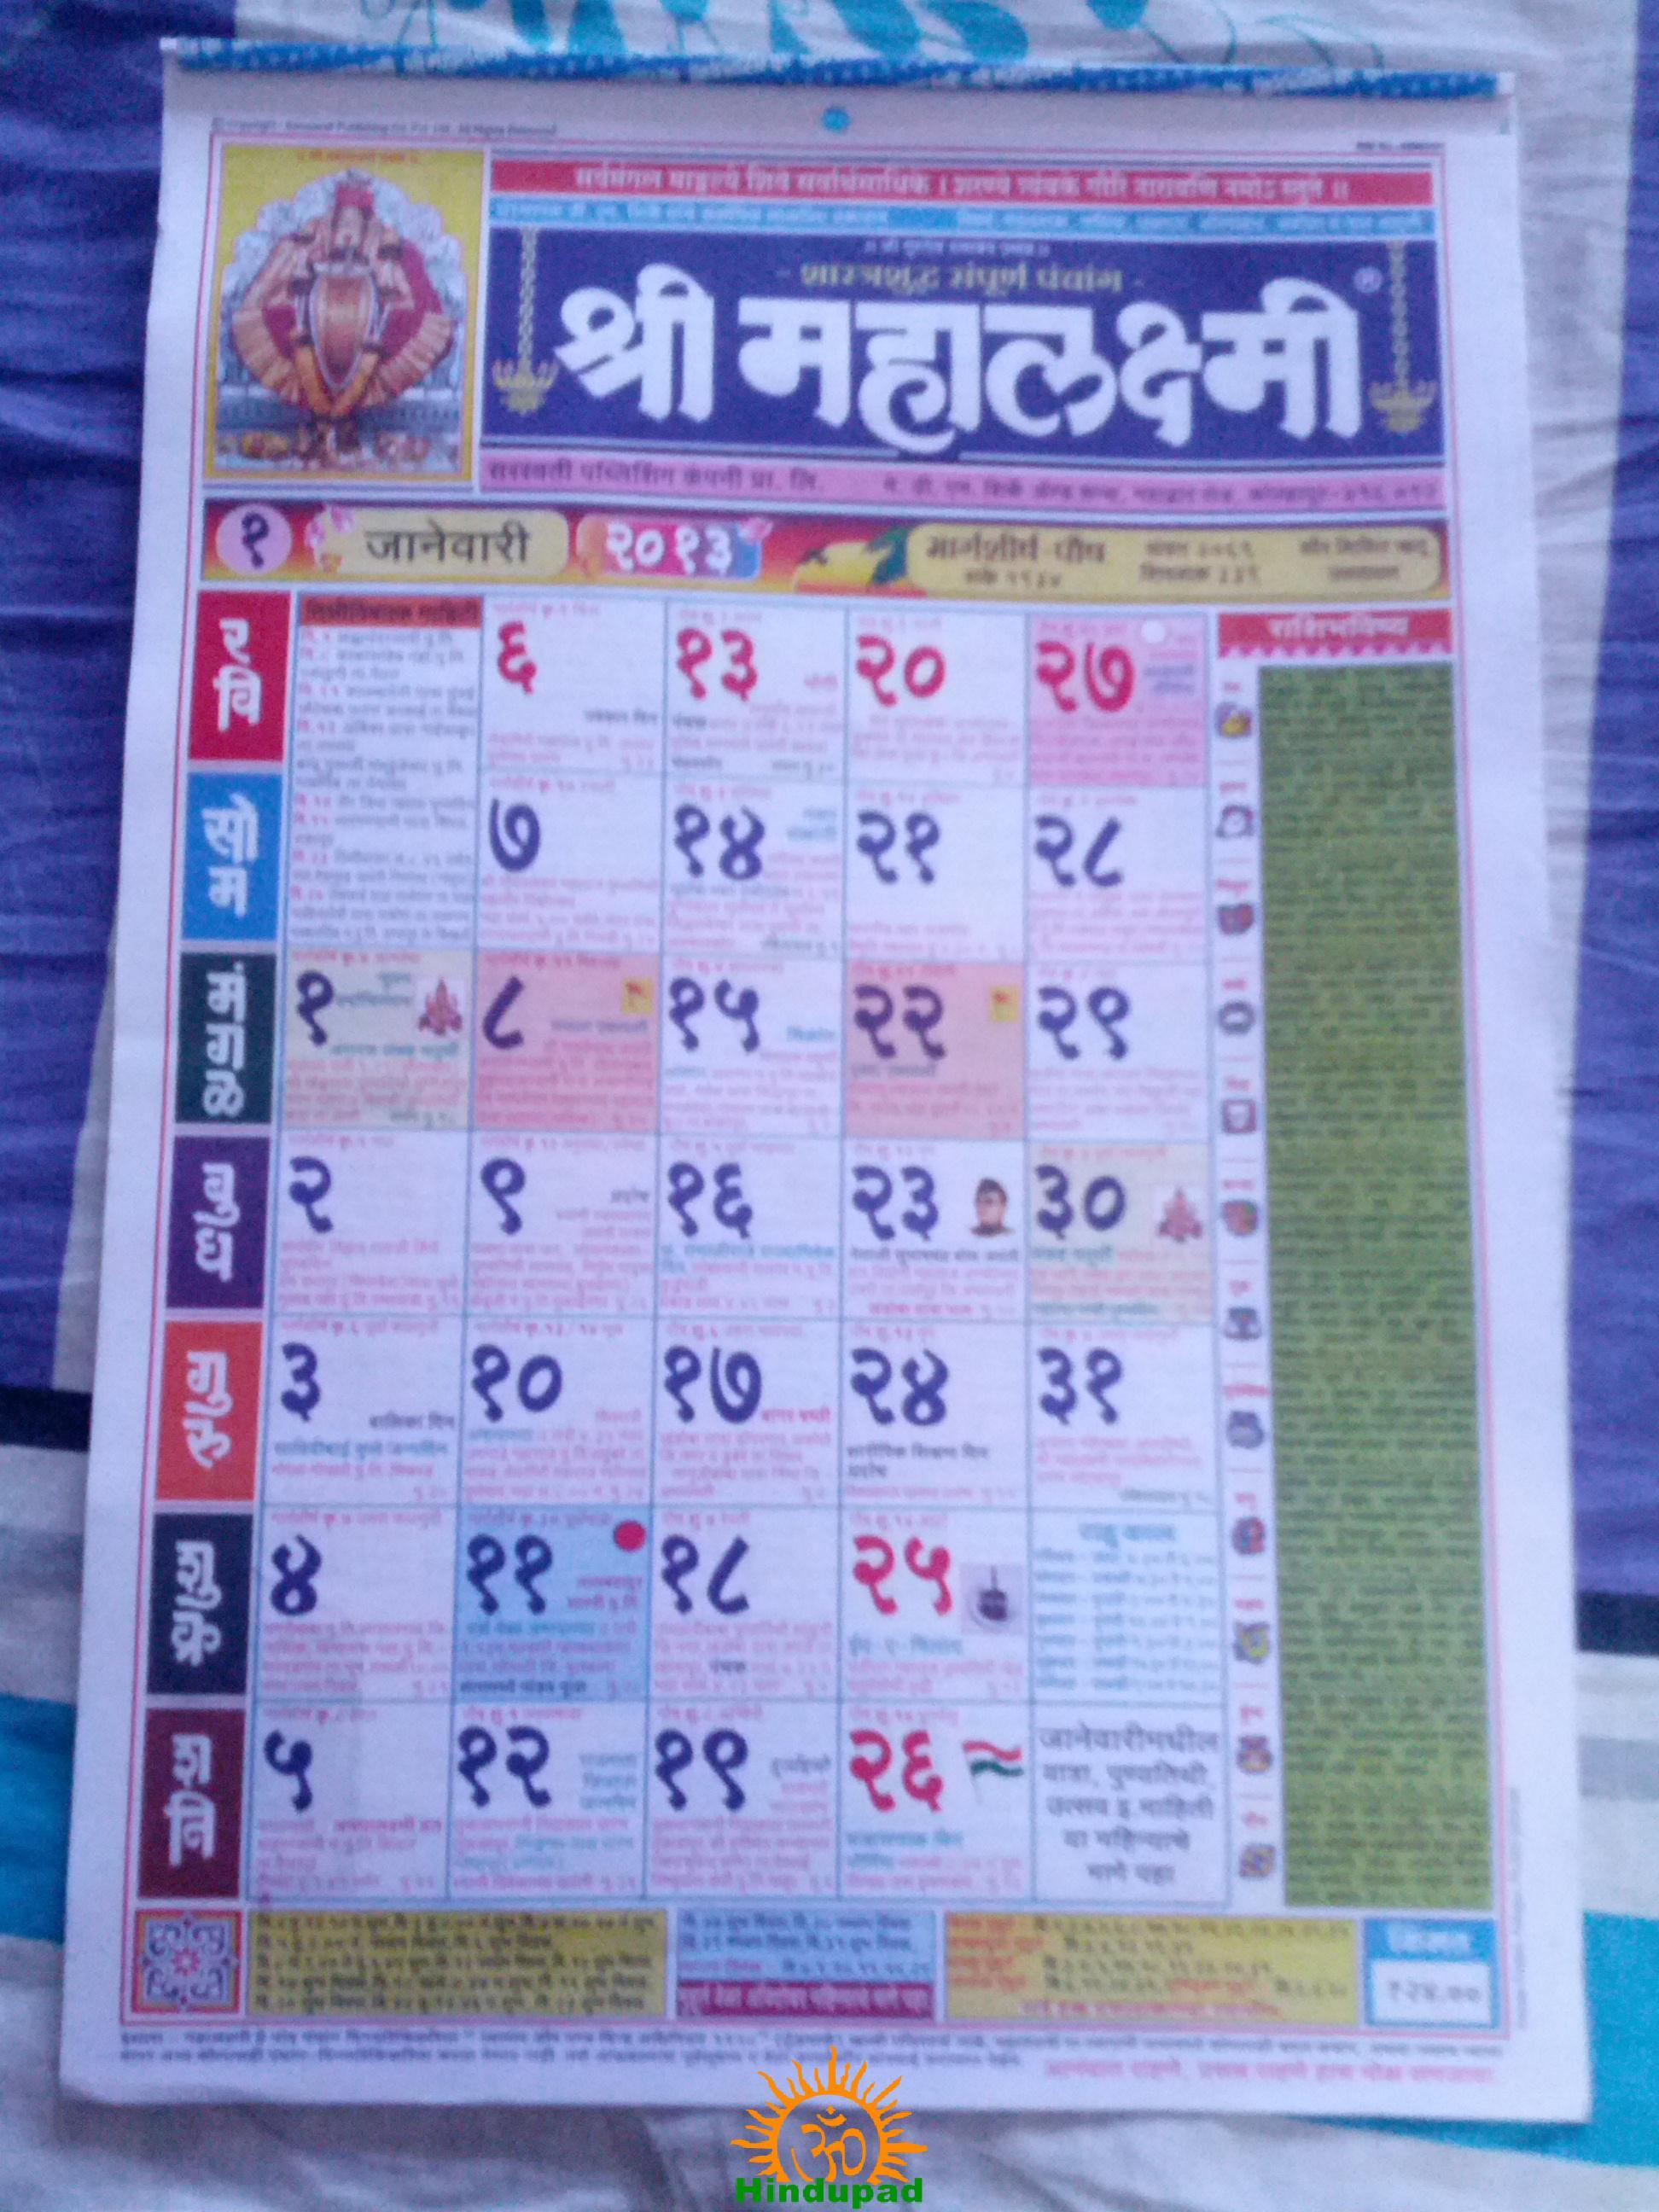 Mahalakshmi Calendar 2013 - HinduPad